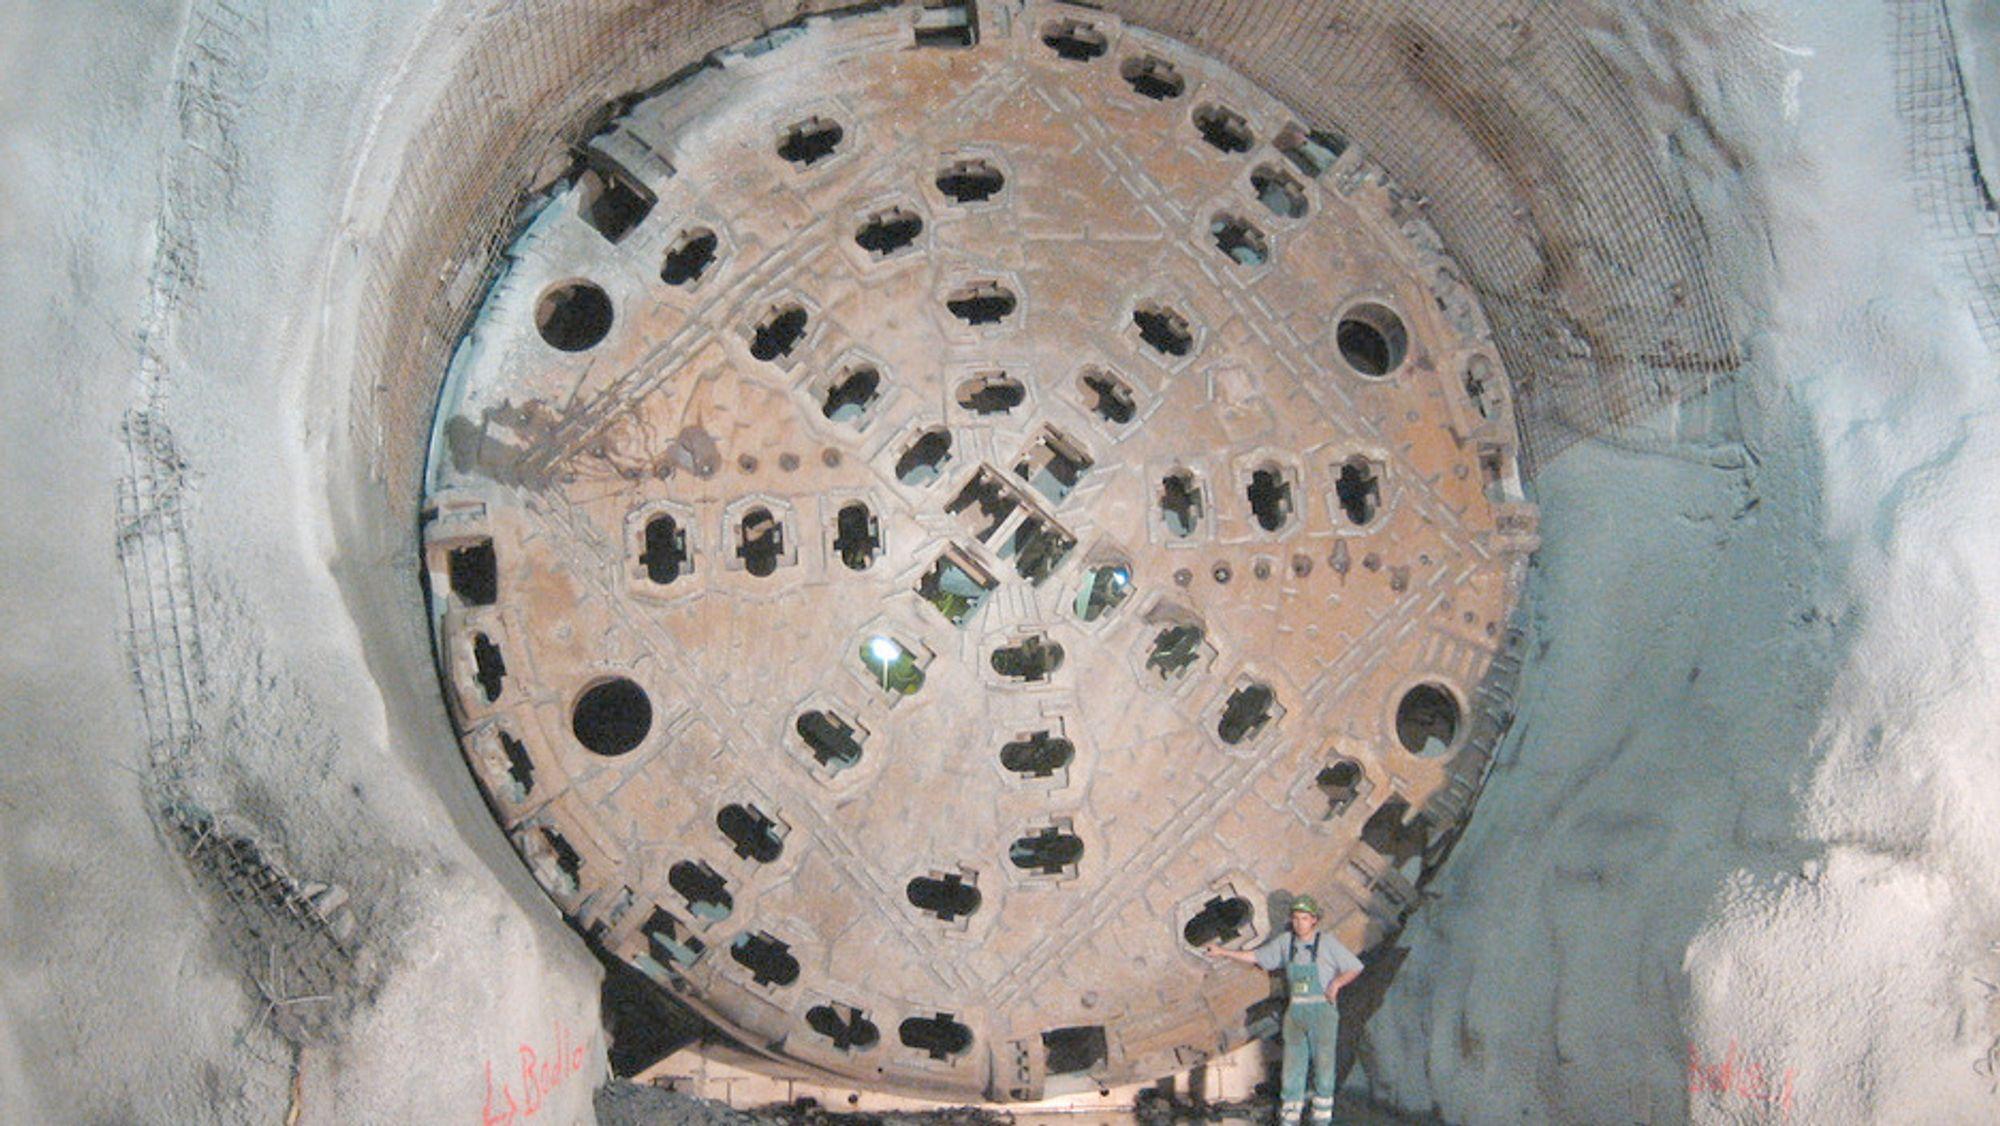 Tunnelboremaskinen Elektra (ikke avbildet) er foreløpig satt på pause mellom Danderyd og Hammarby Sjöstad. Tunnelstrekningen er en del av City Link, et prosjekt som skal knytte Stockholm sammen med et moderne høyspentnett.